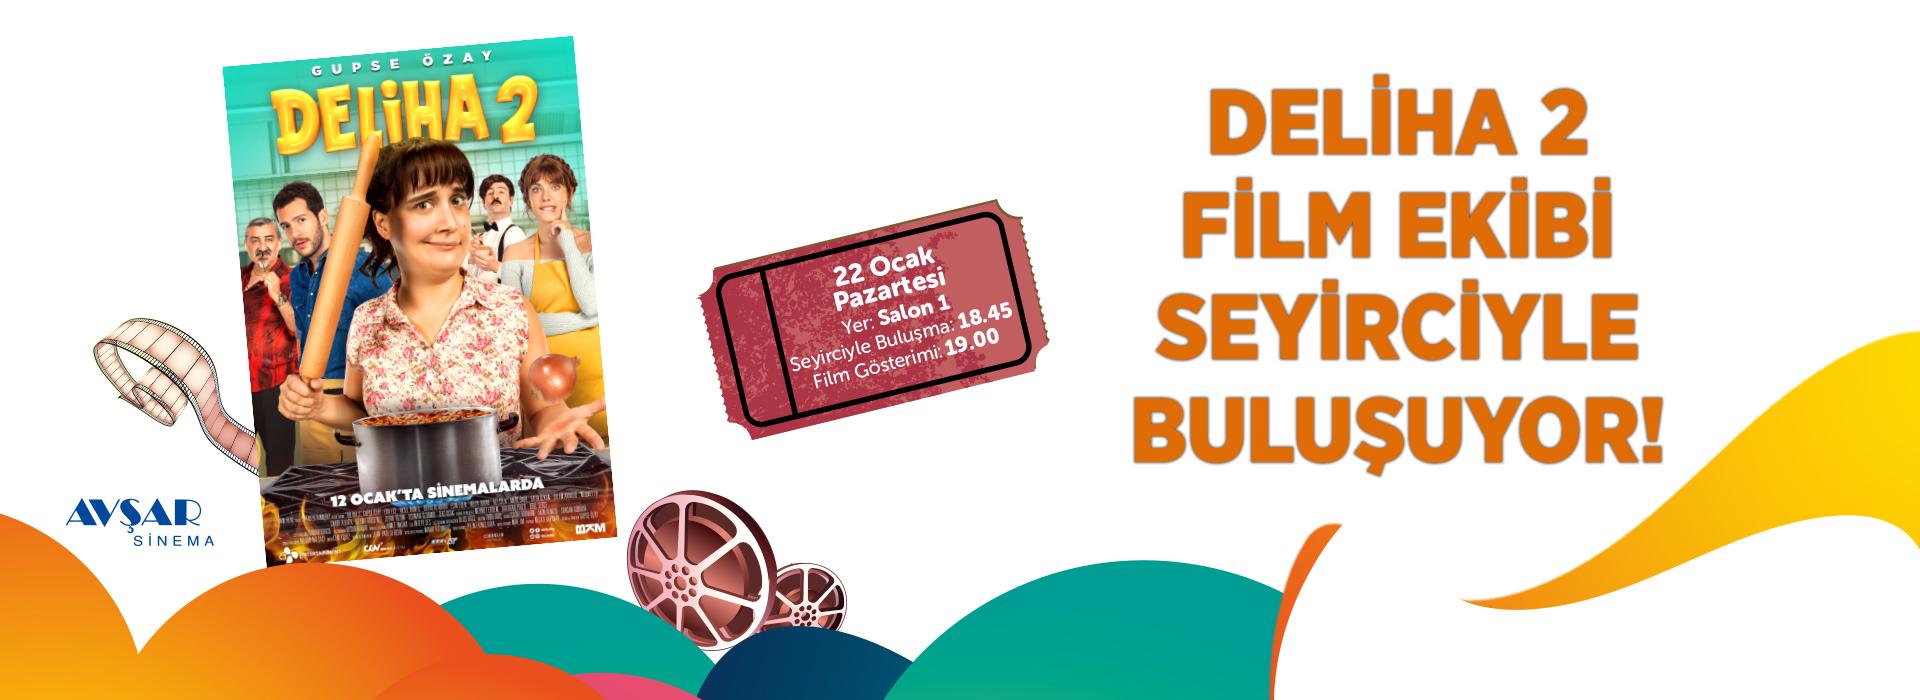 Deliha 2 Film Ekibi Seyirciyle Buluşuyor